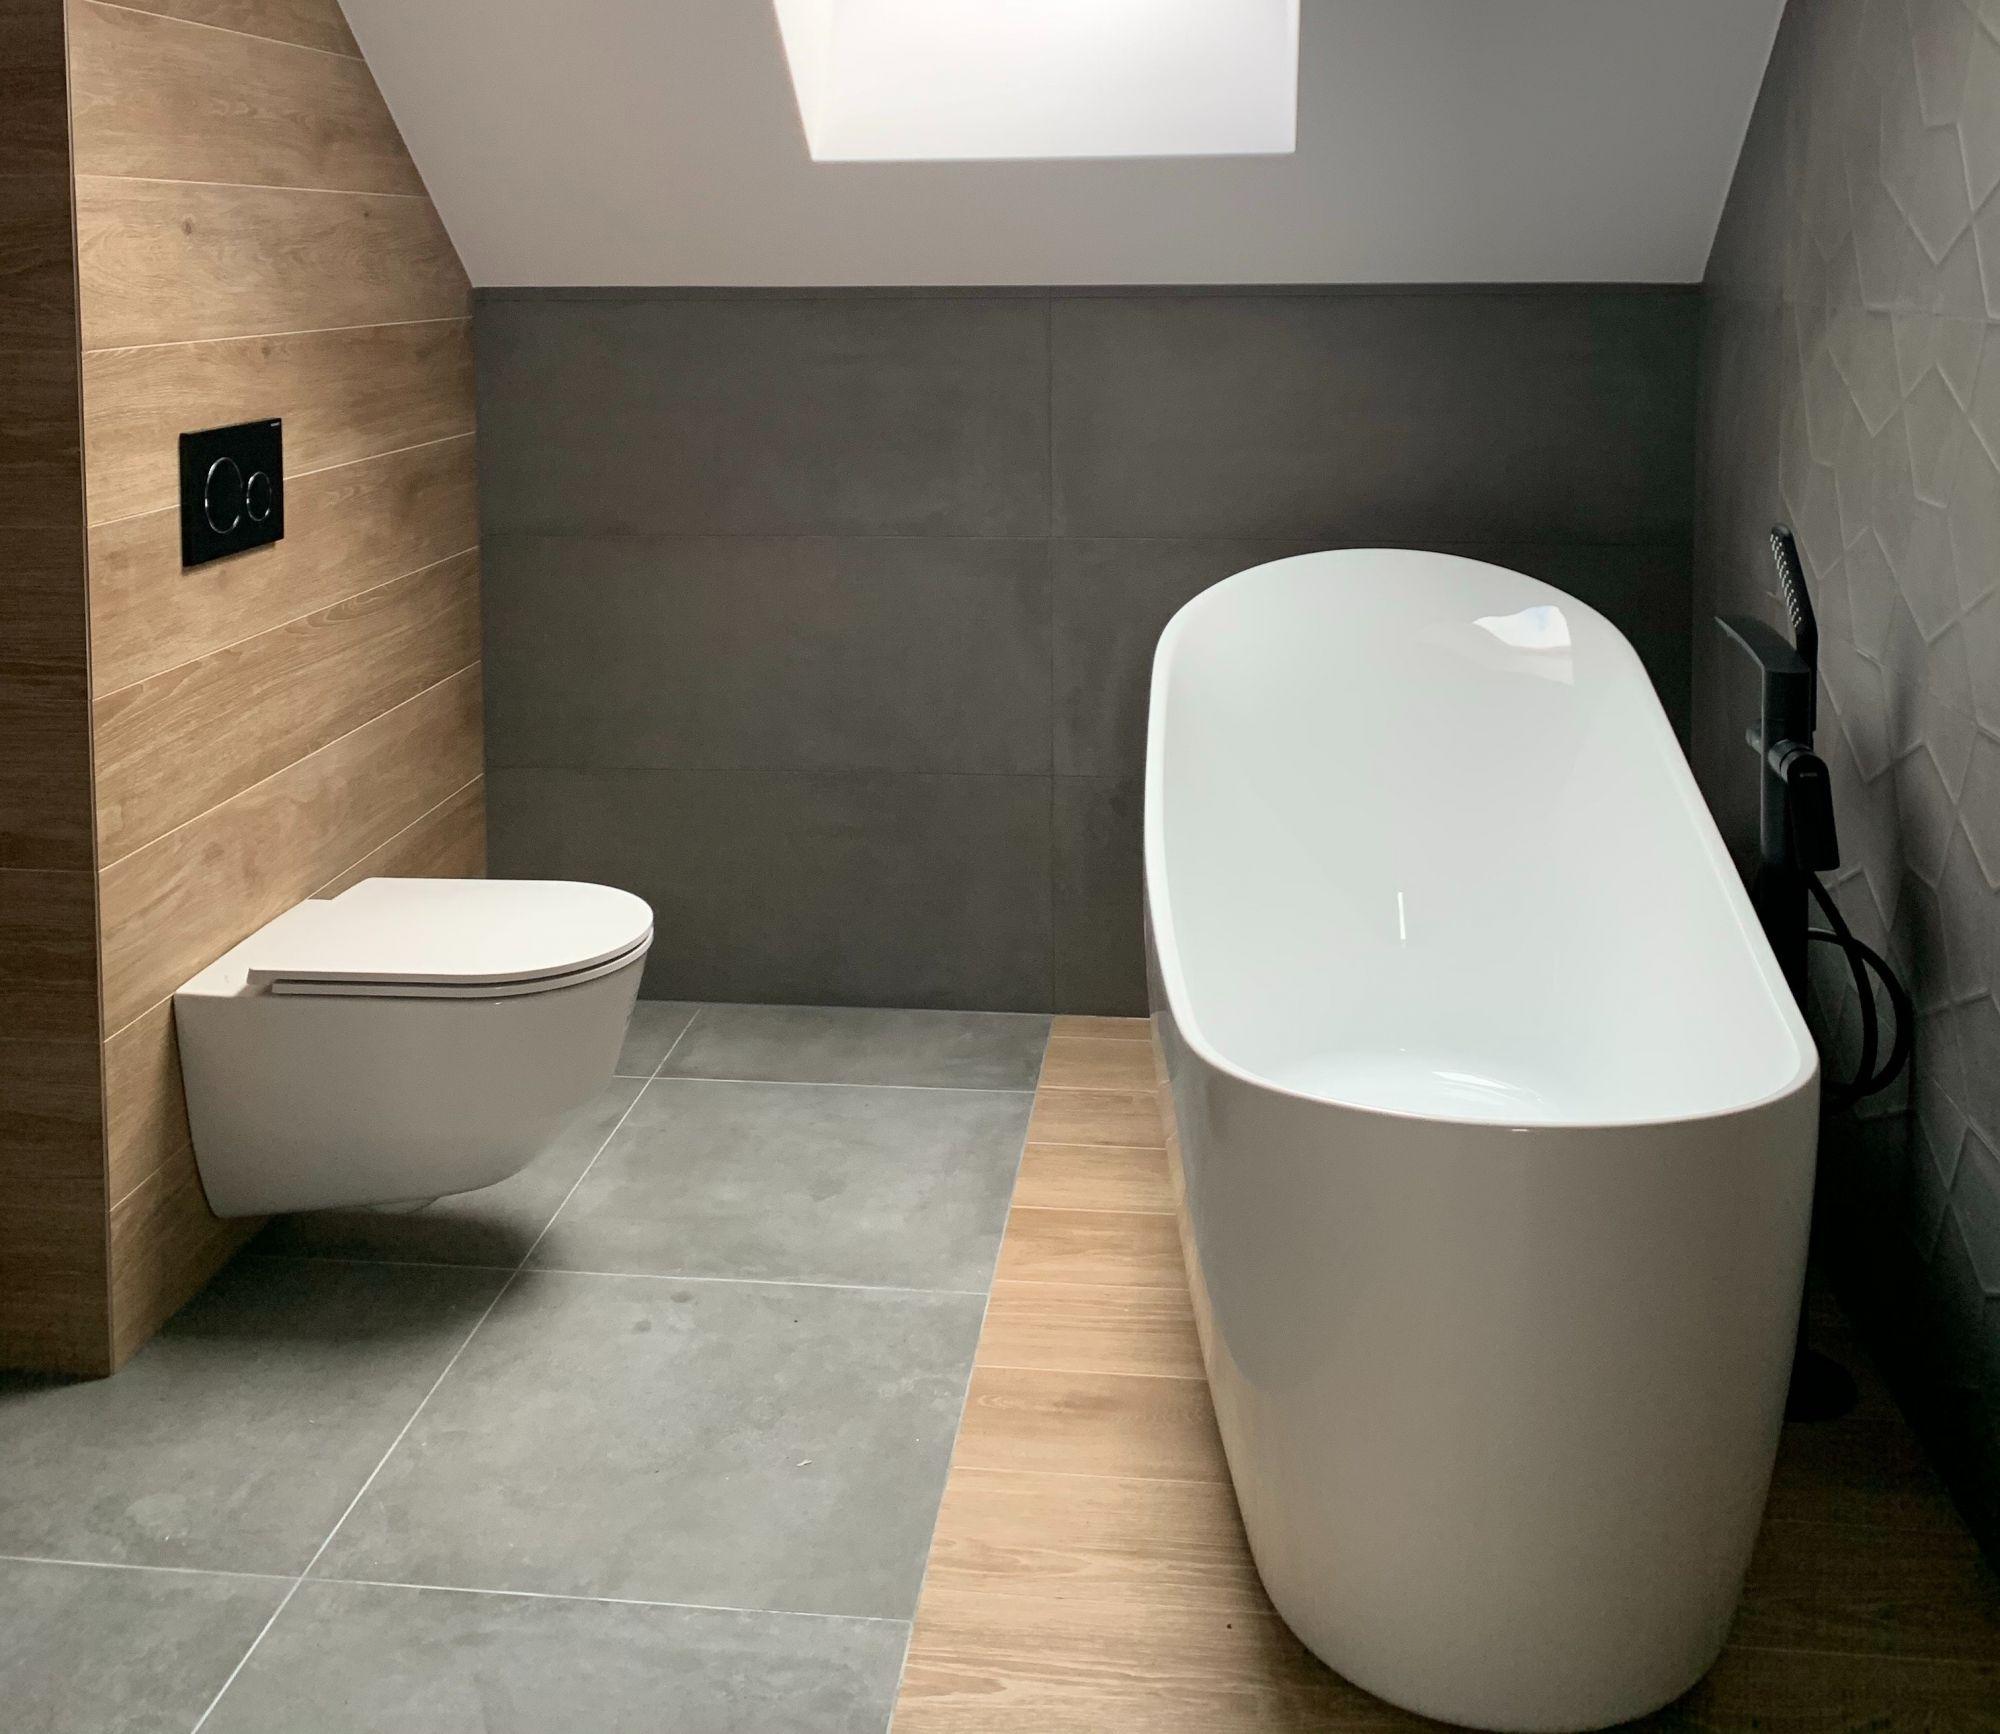 Pavimenti diversi: dividere all'interno del bagno